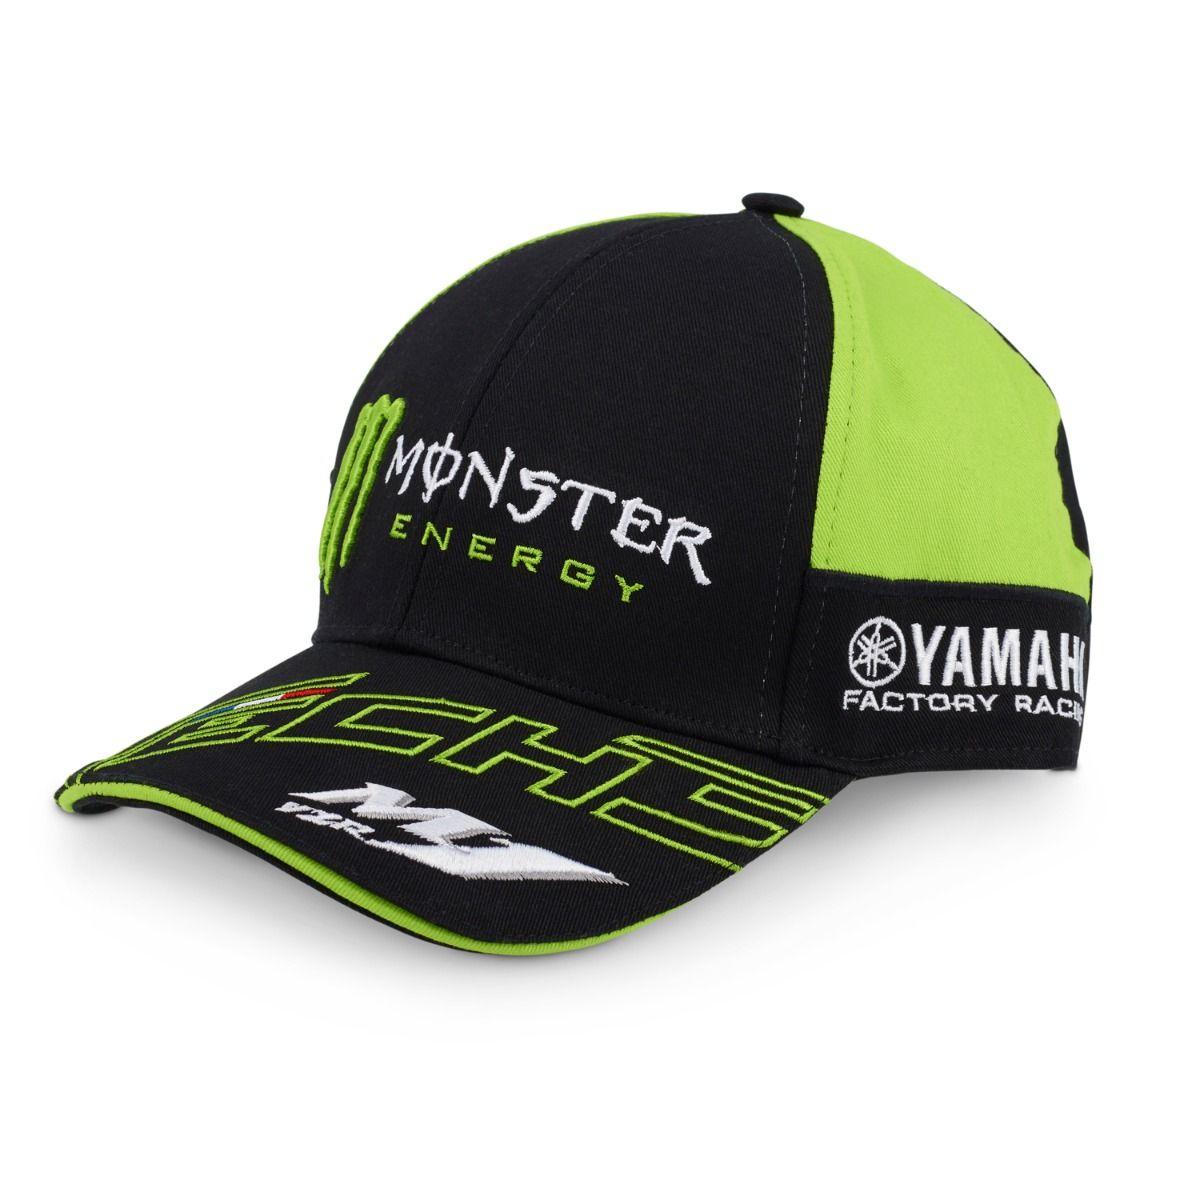 """<ul style=""""margin-left: 25px;""""><li>テック3ヤマハモンスターエナジーの帽子です。</li><li>限定品!早めにご購入ください。</li><li>会員割引あり!(10%)</li></ul>"""